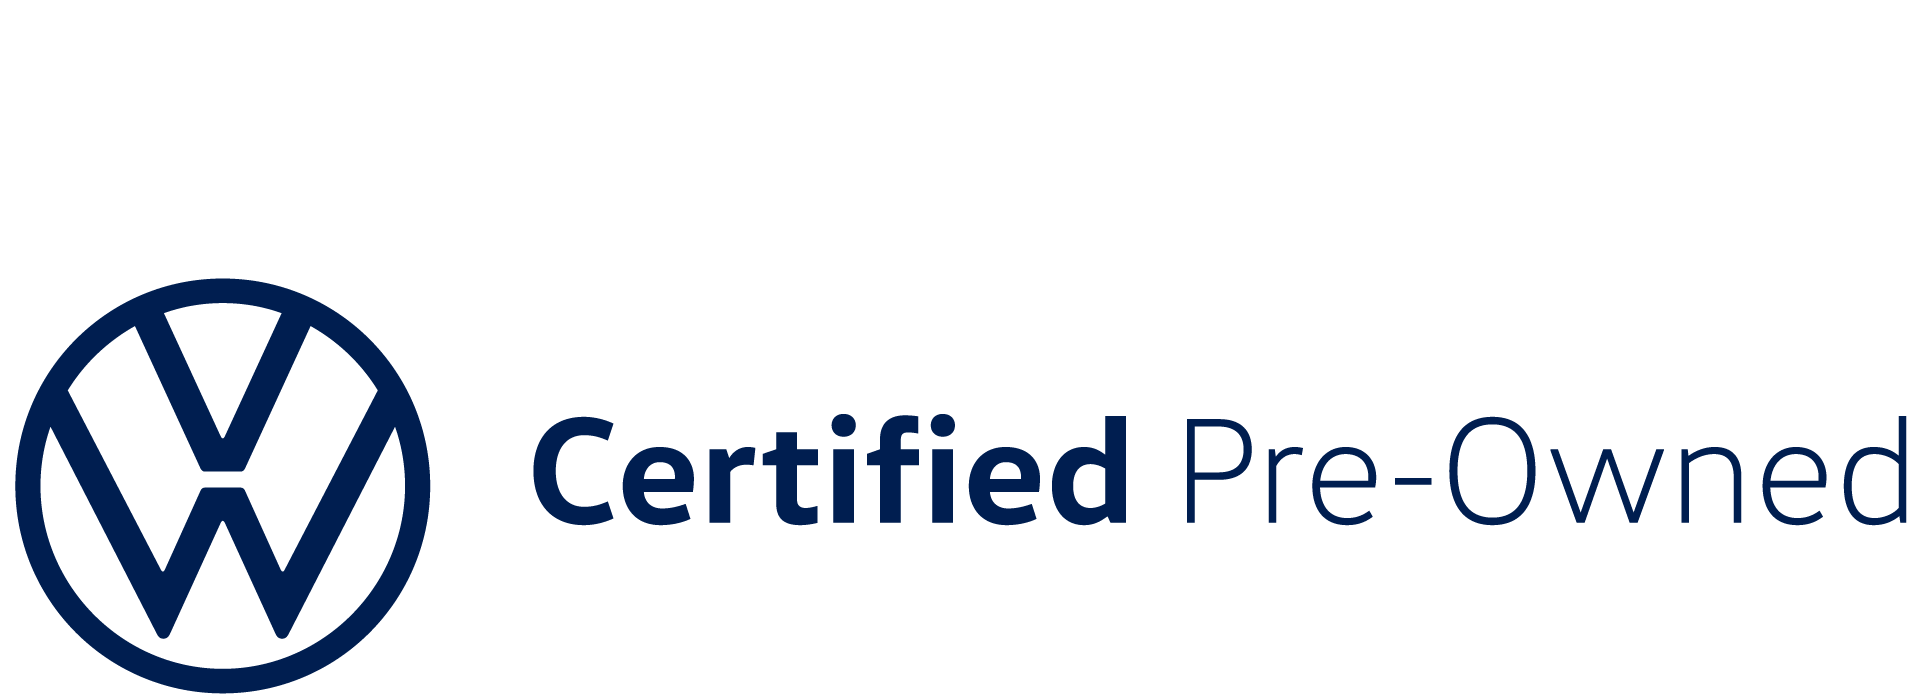 Certified Pre-owned Volkswagen